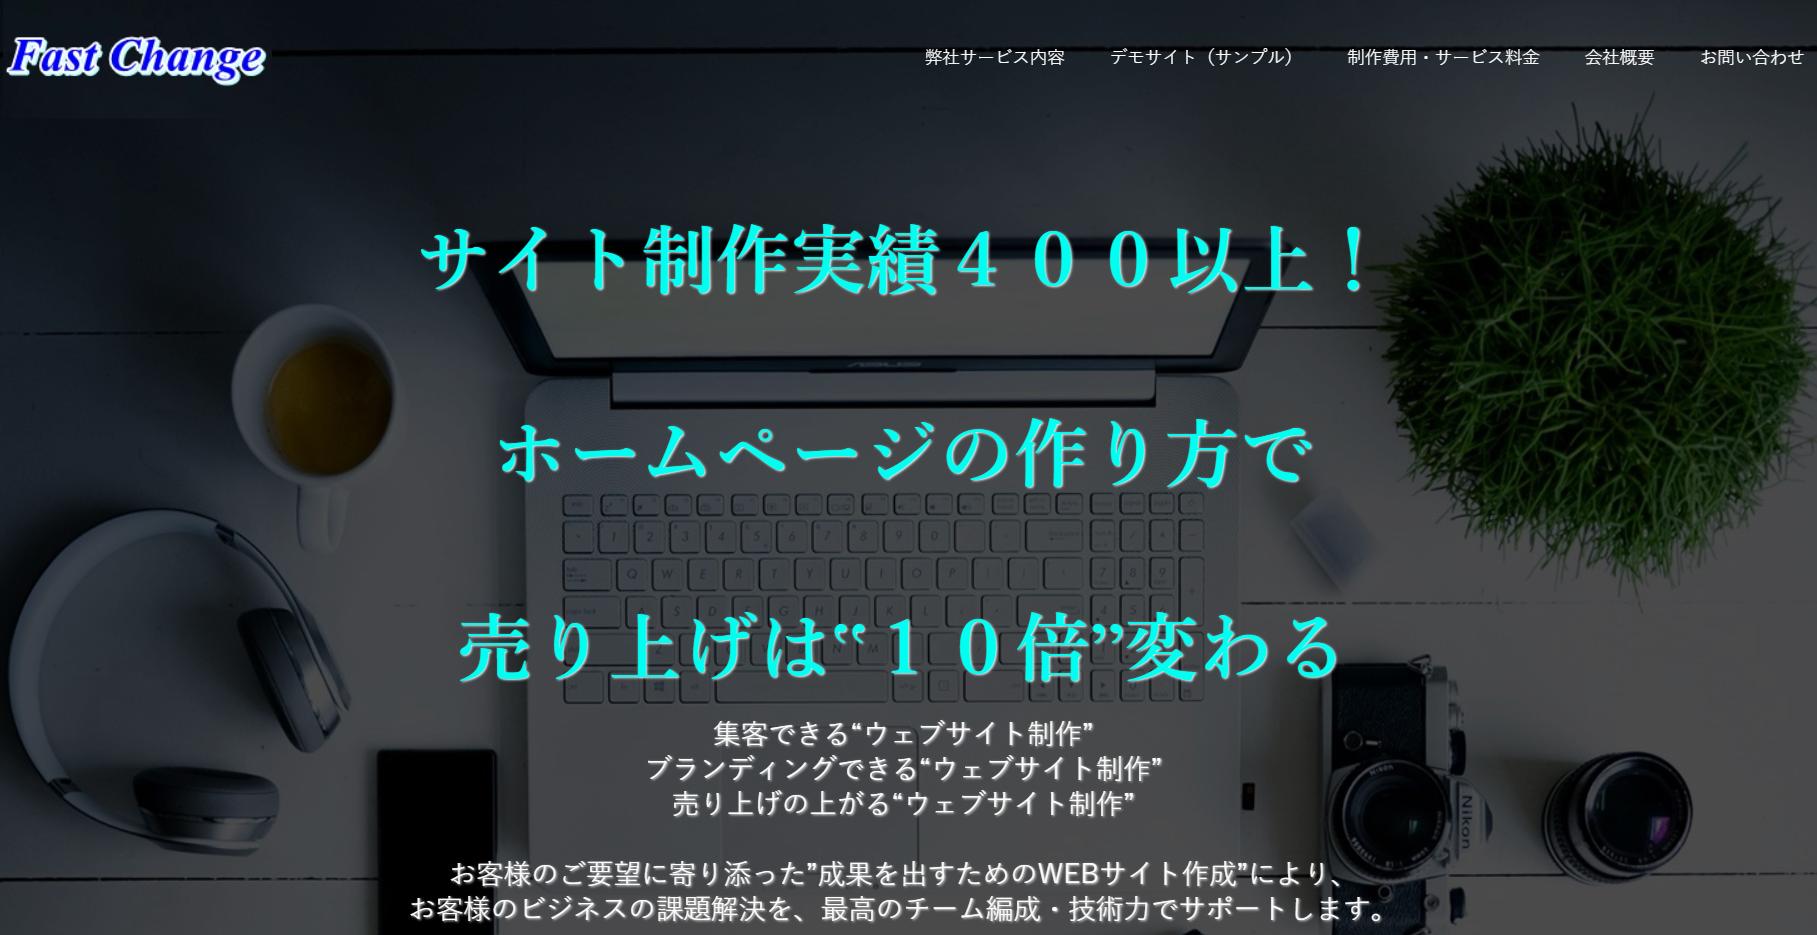 良い?悪い?合同会社ファストチェンジの松井颯人さんの評判・口コミは大丈夫か